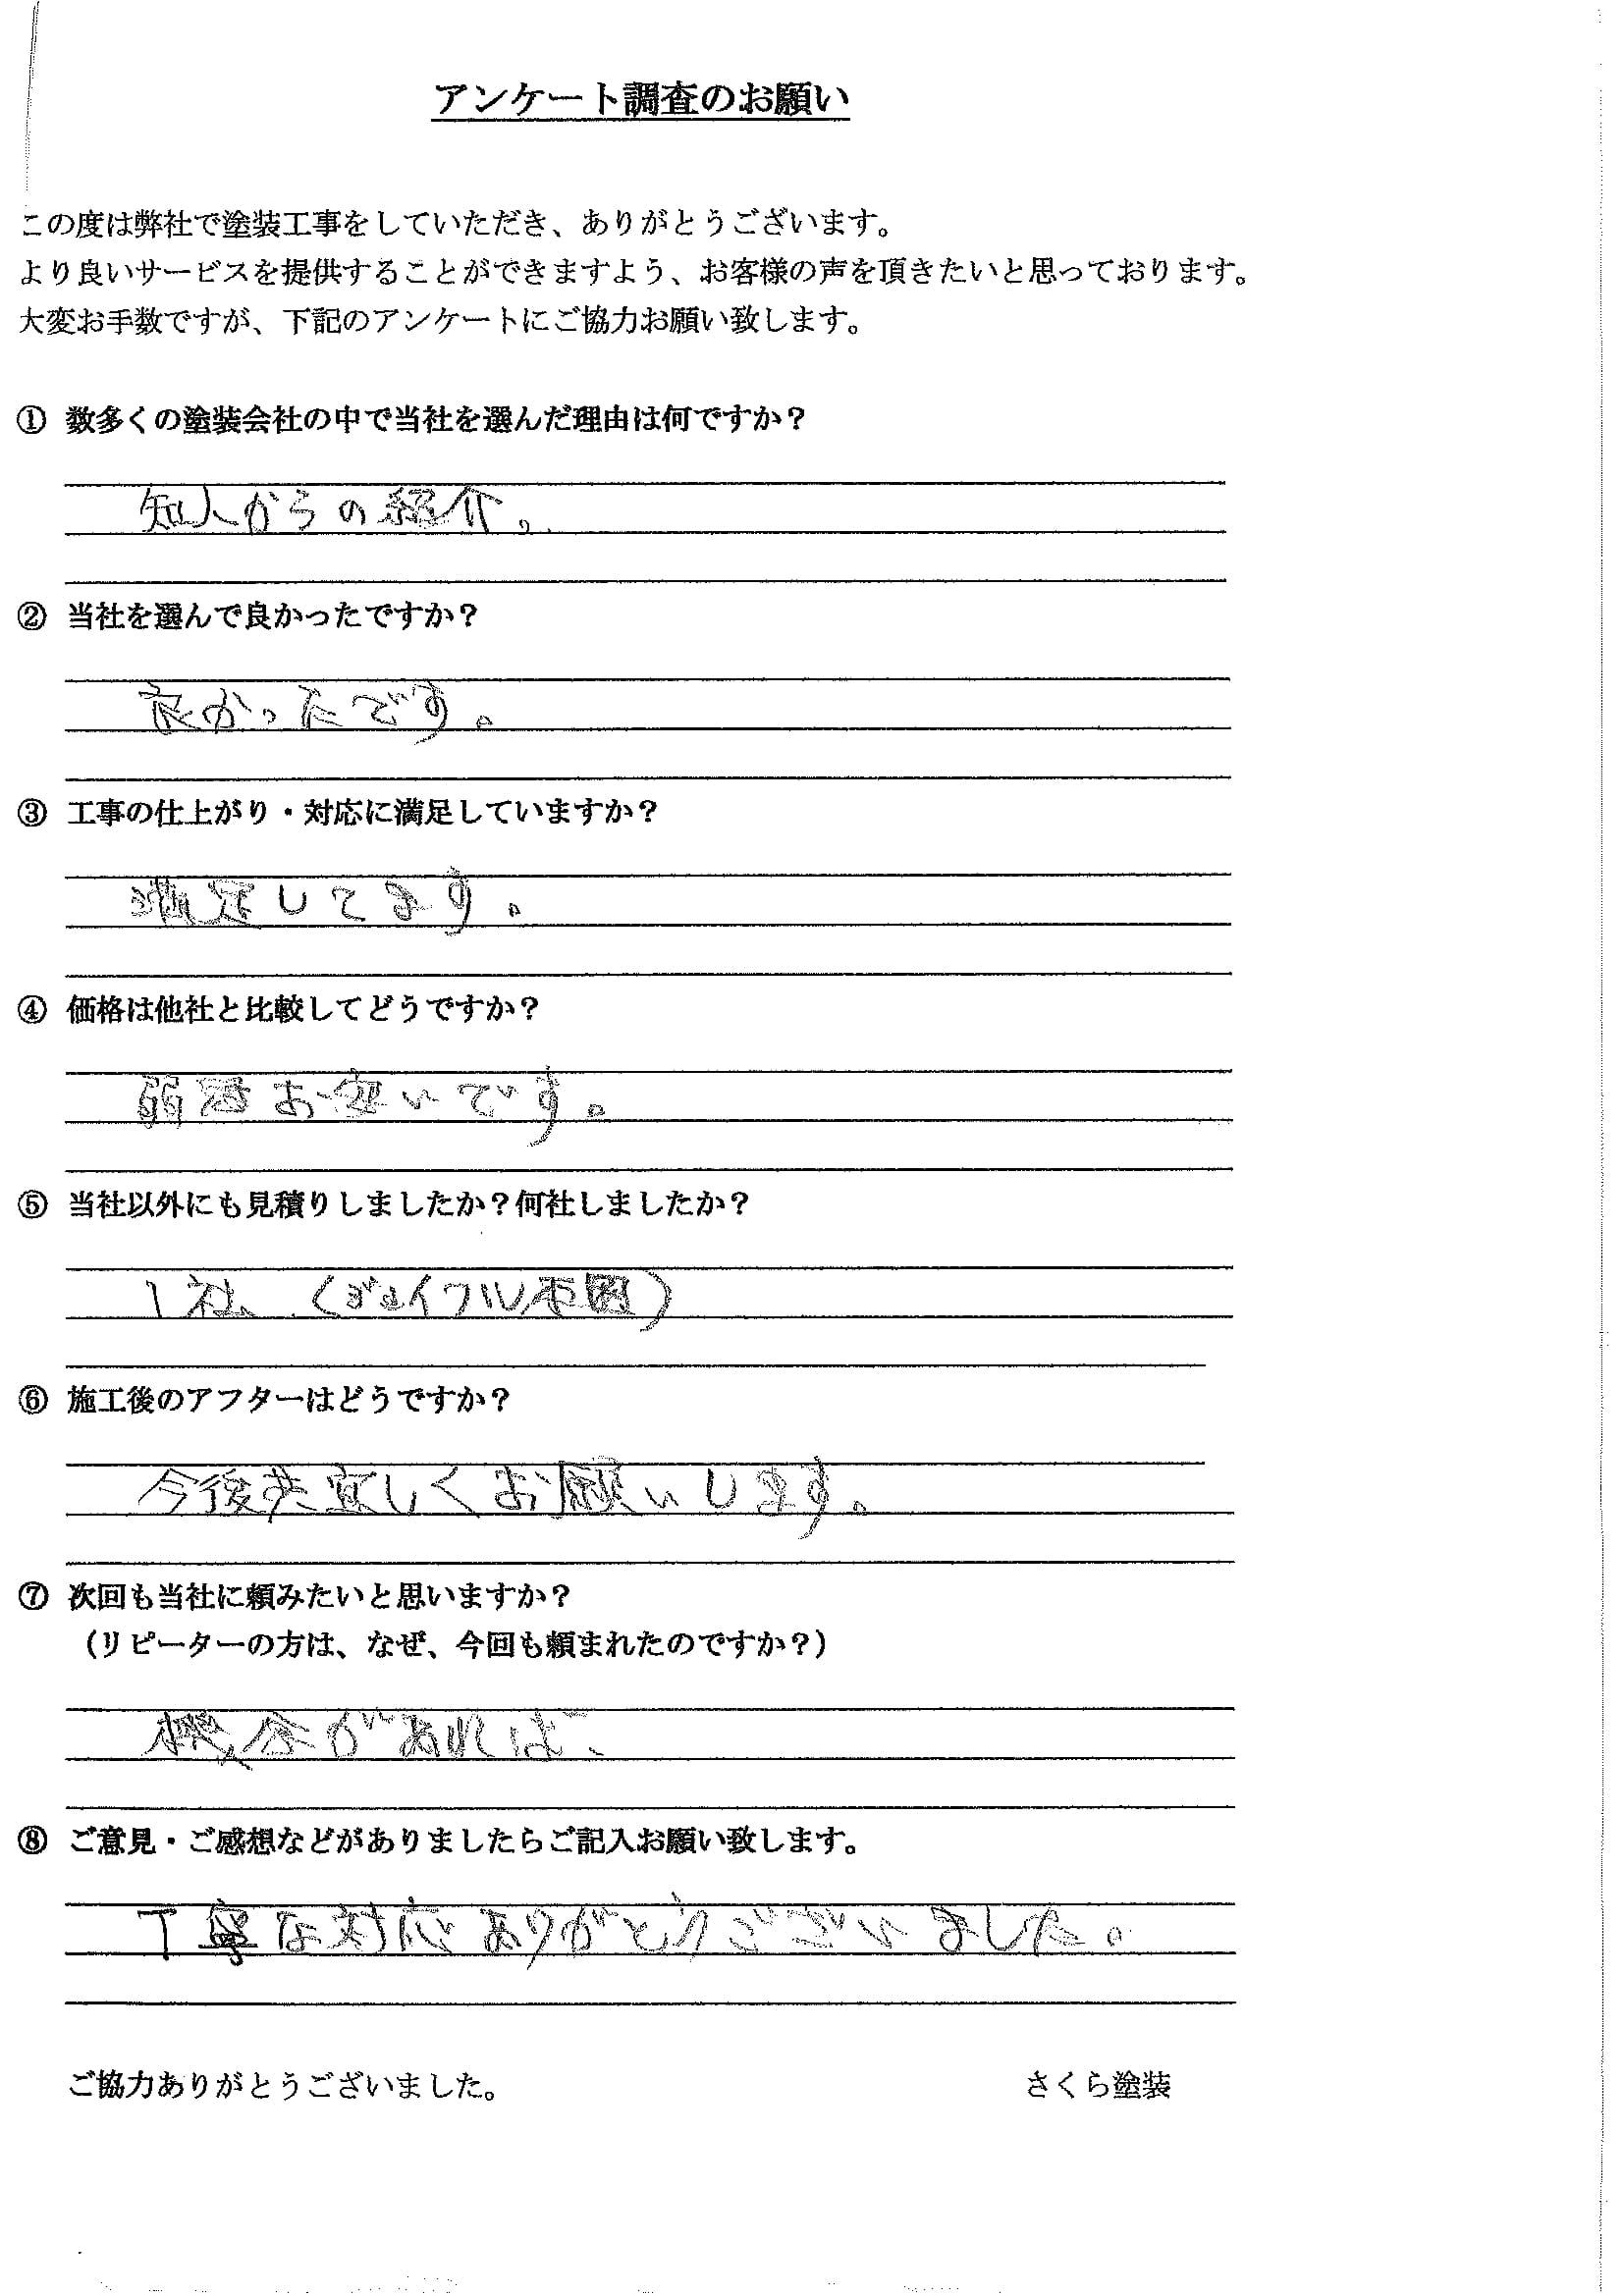 さくら塗装 埼玉県越谷市_M様_外壁塗装工事_評価